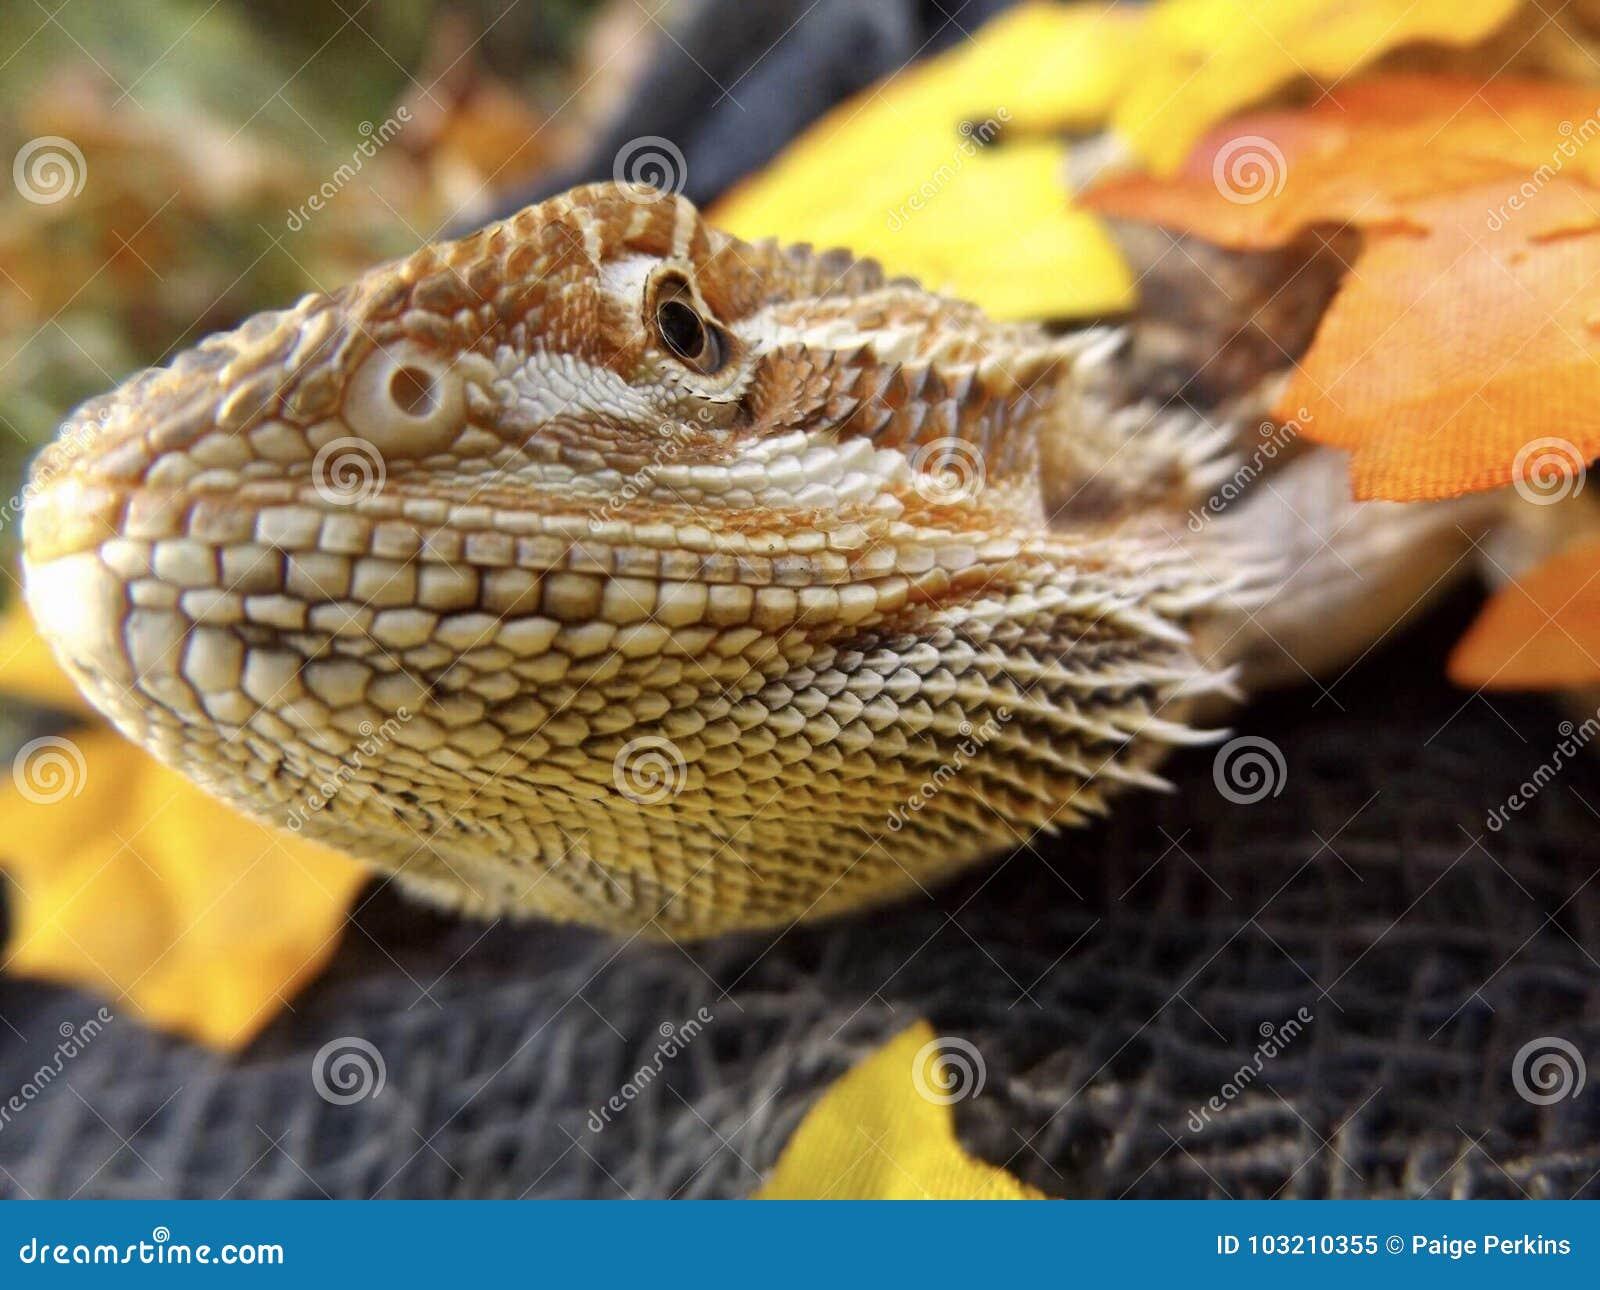 Dragon Enjoying Fall